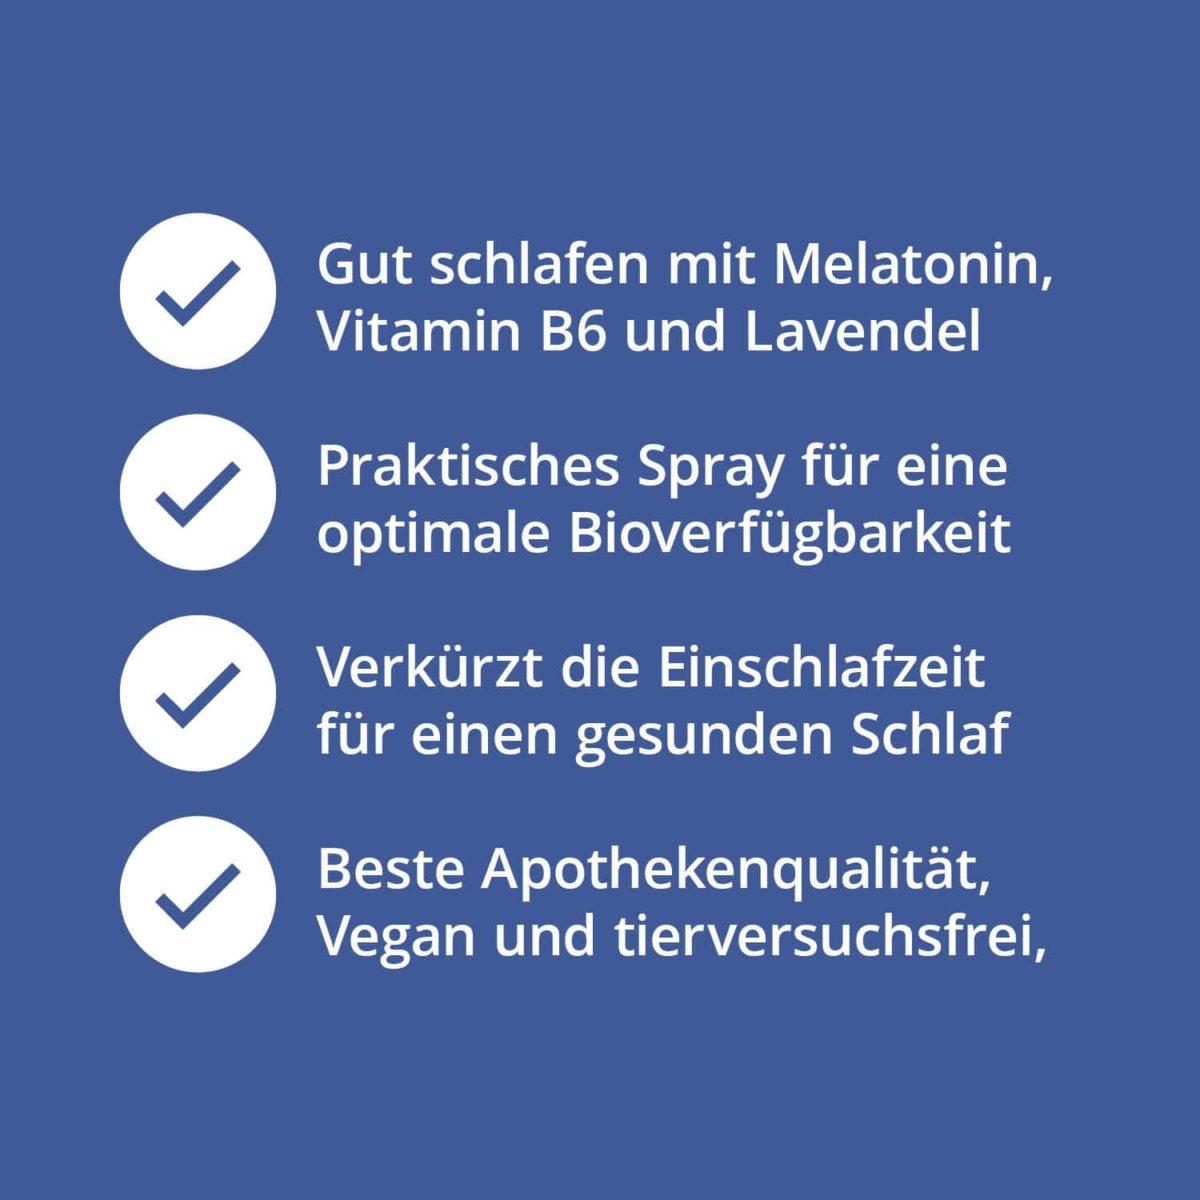 Casida Melatonin Spray Schlaf schön - 30 ml 17203782 Apotheke Guter Schlaf Gute Nacht besser schlafen Lavendel Vitamin B2 B67